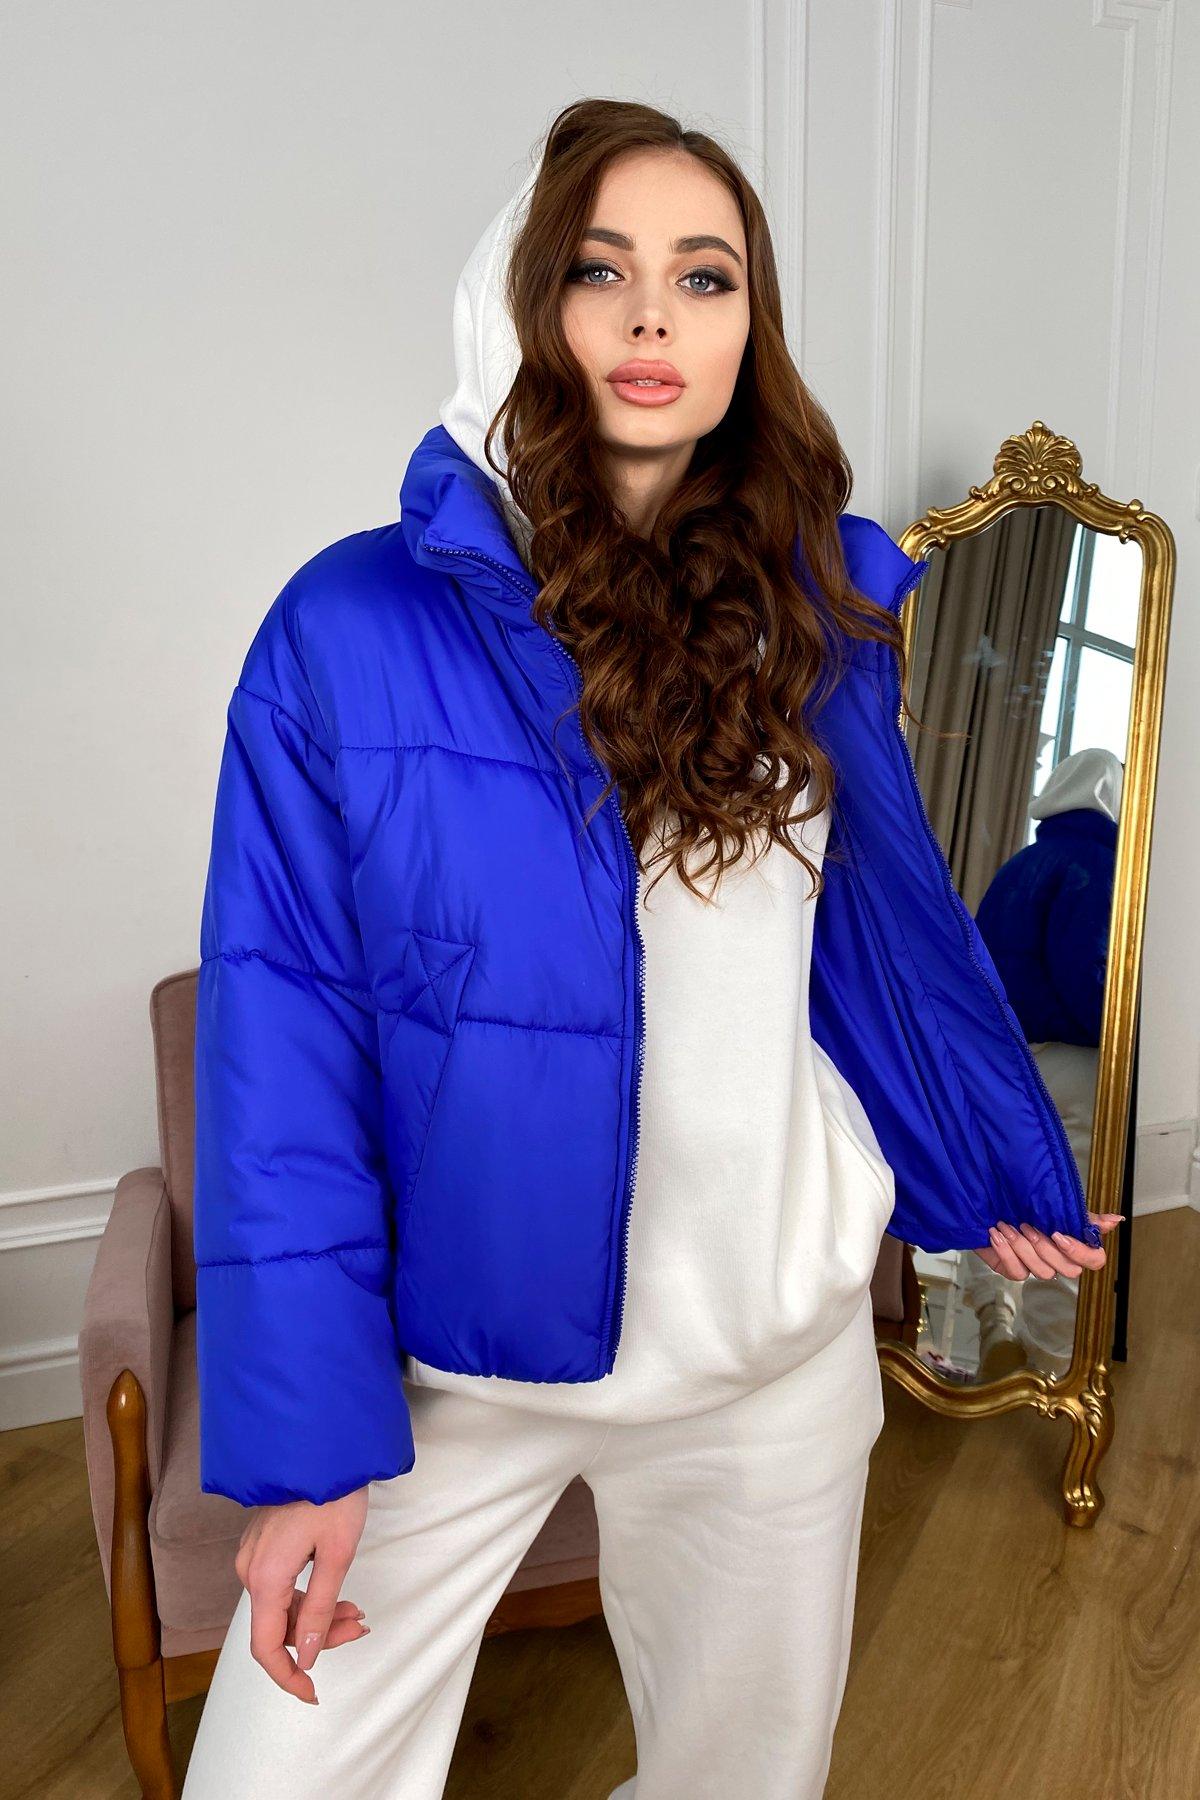 Драйв куртка из плащевой ткани 10448 АРТ. 46769 Цвет: Электрик 1052 - фото 4, интернет магазин tm-modus.ru